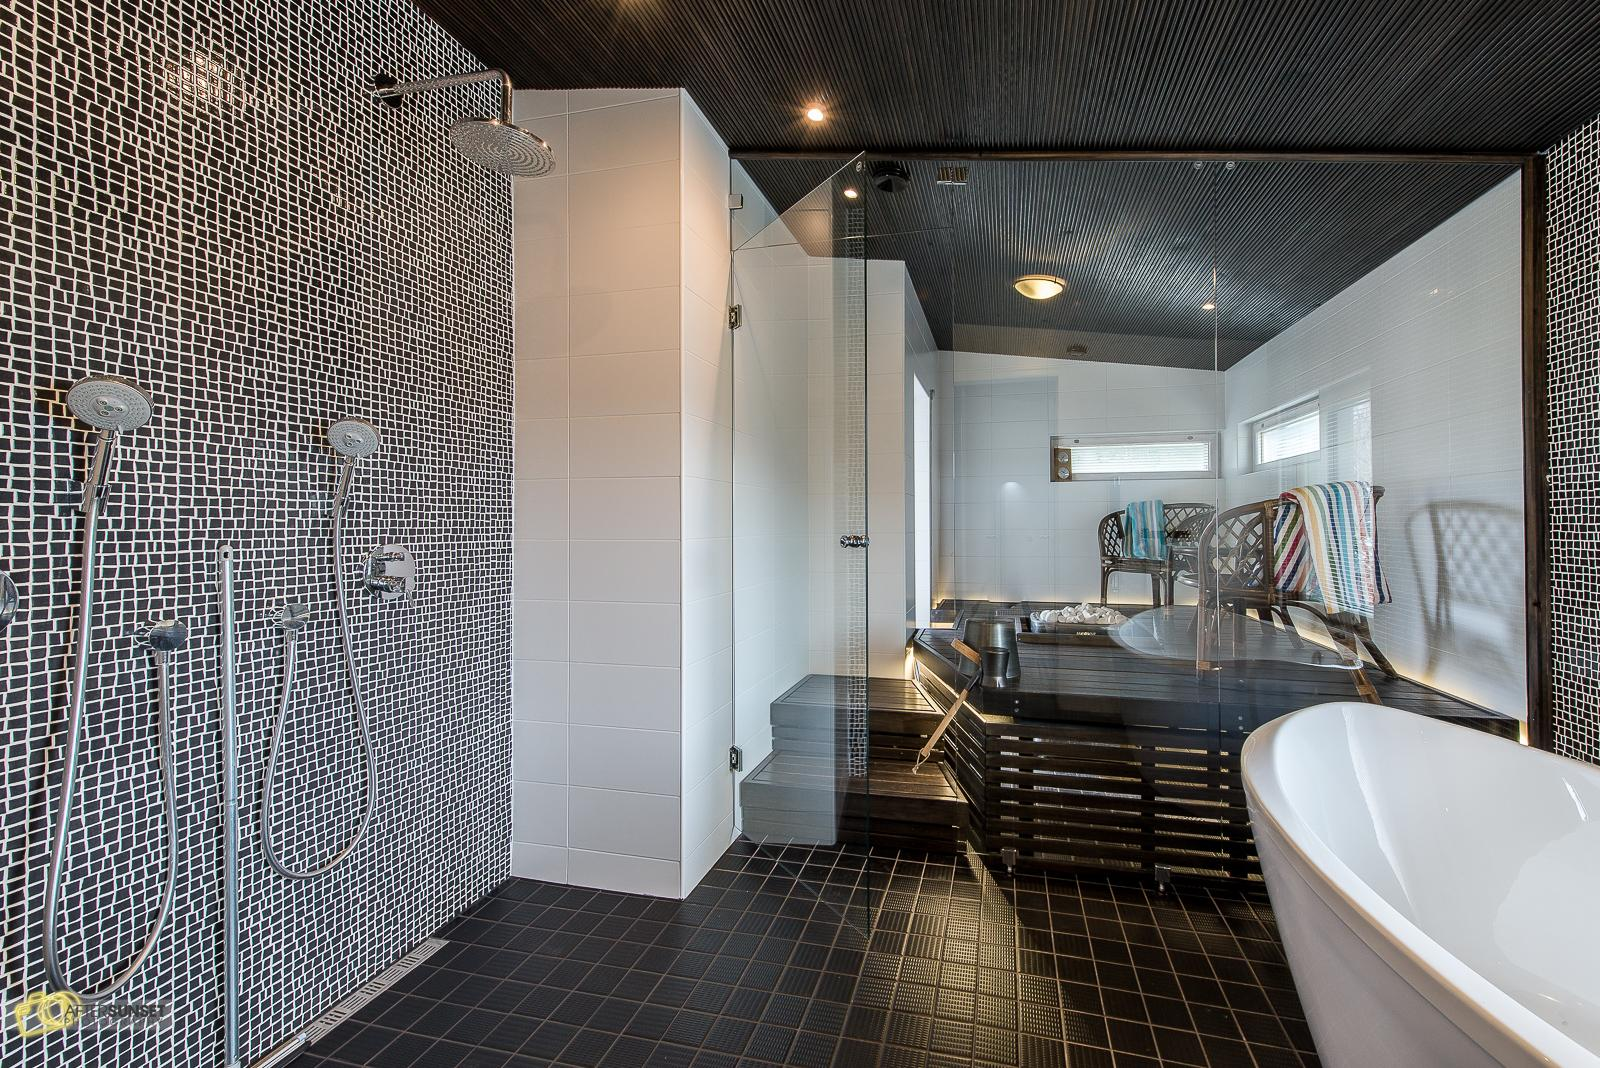 Tyylikäs kylpyhuone ja astetta erikoisempi sauna  Etuovi com Ideat & vinkit